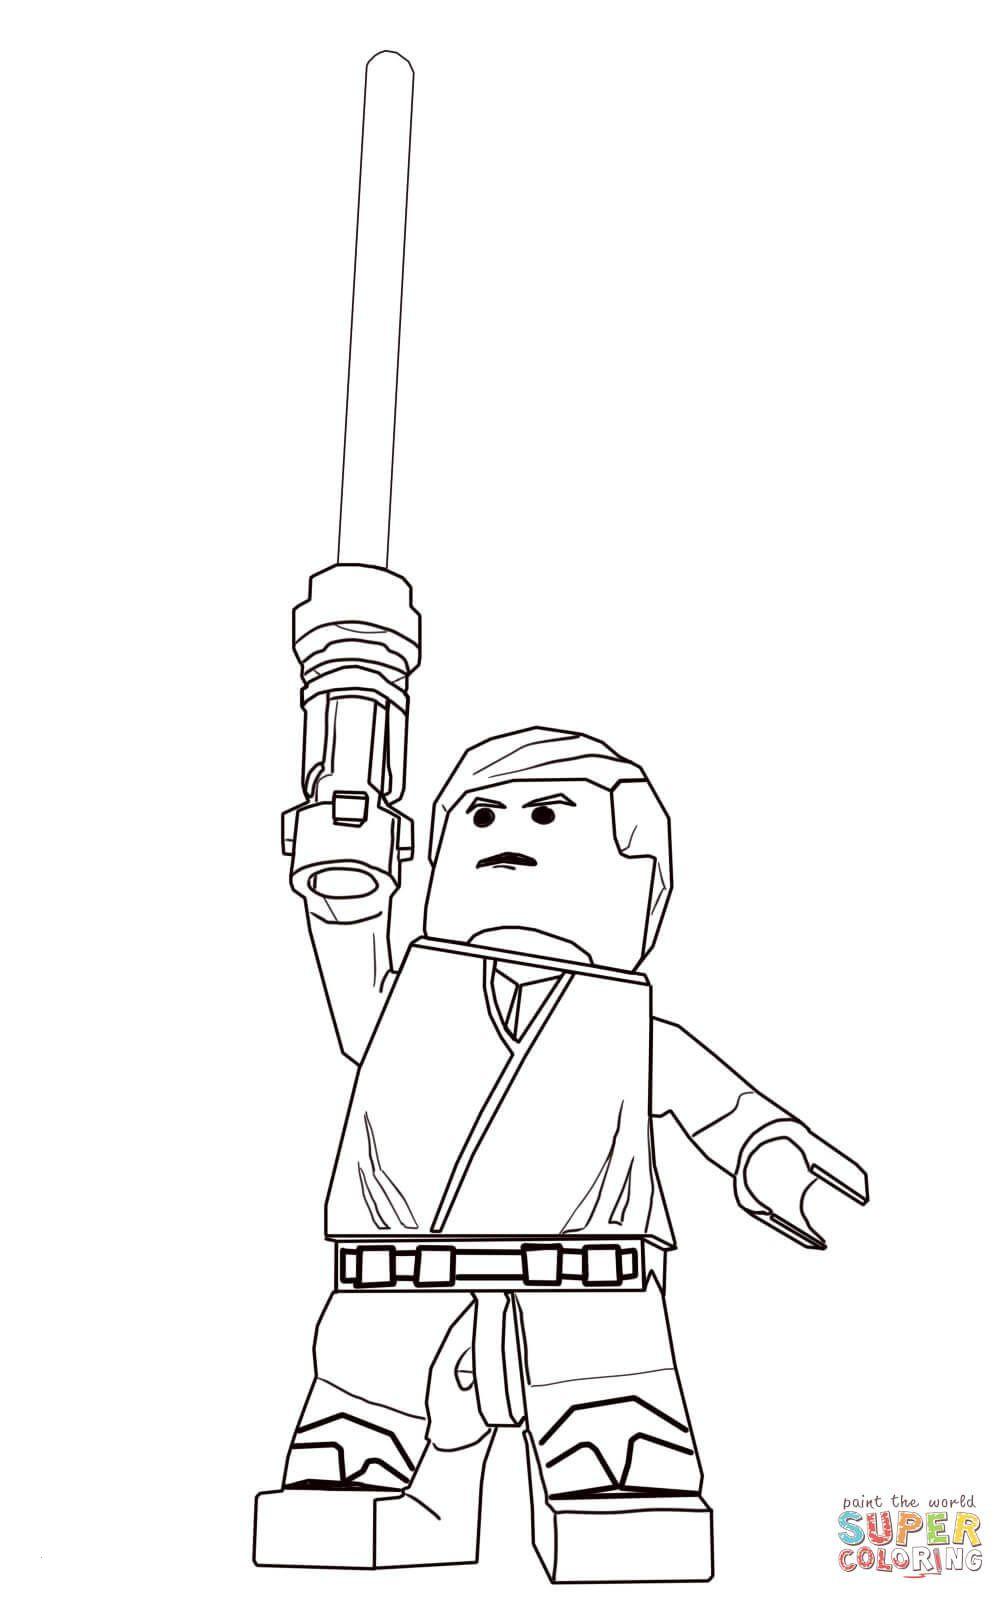 Lego Star Wars Ausmalbild Inspirierend Eine Sammlung Von Färbung Bilder Ausmalbilder Lego Luxus Malvorlagen Bilder